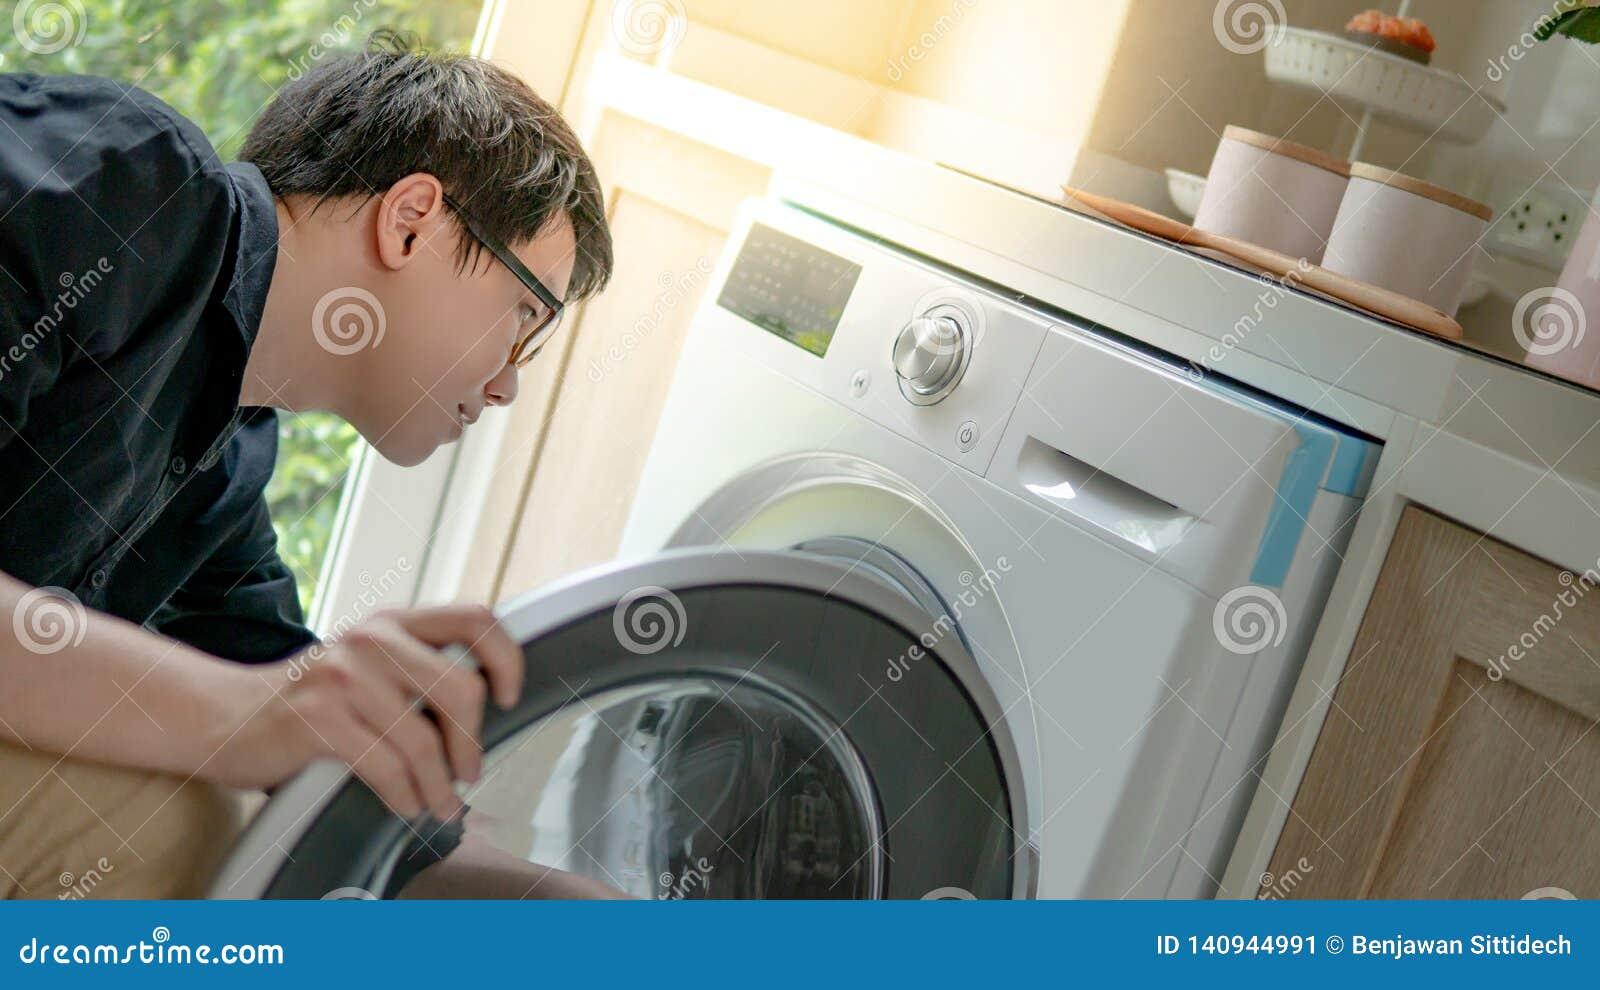 Entretien Machine A Laver technicien asiatique regardant dans la machine à laver image